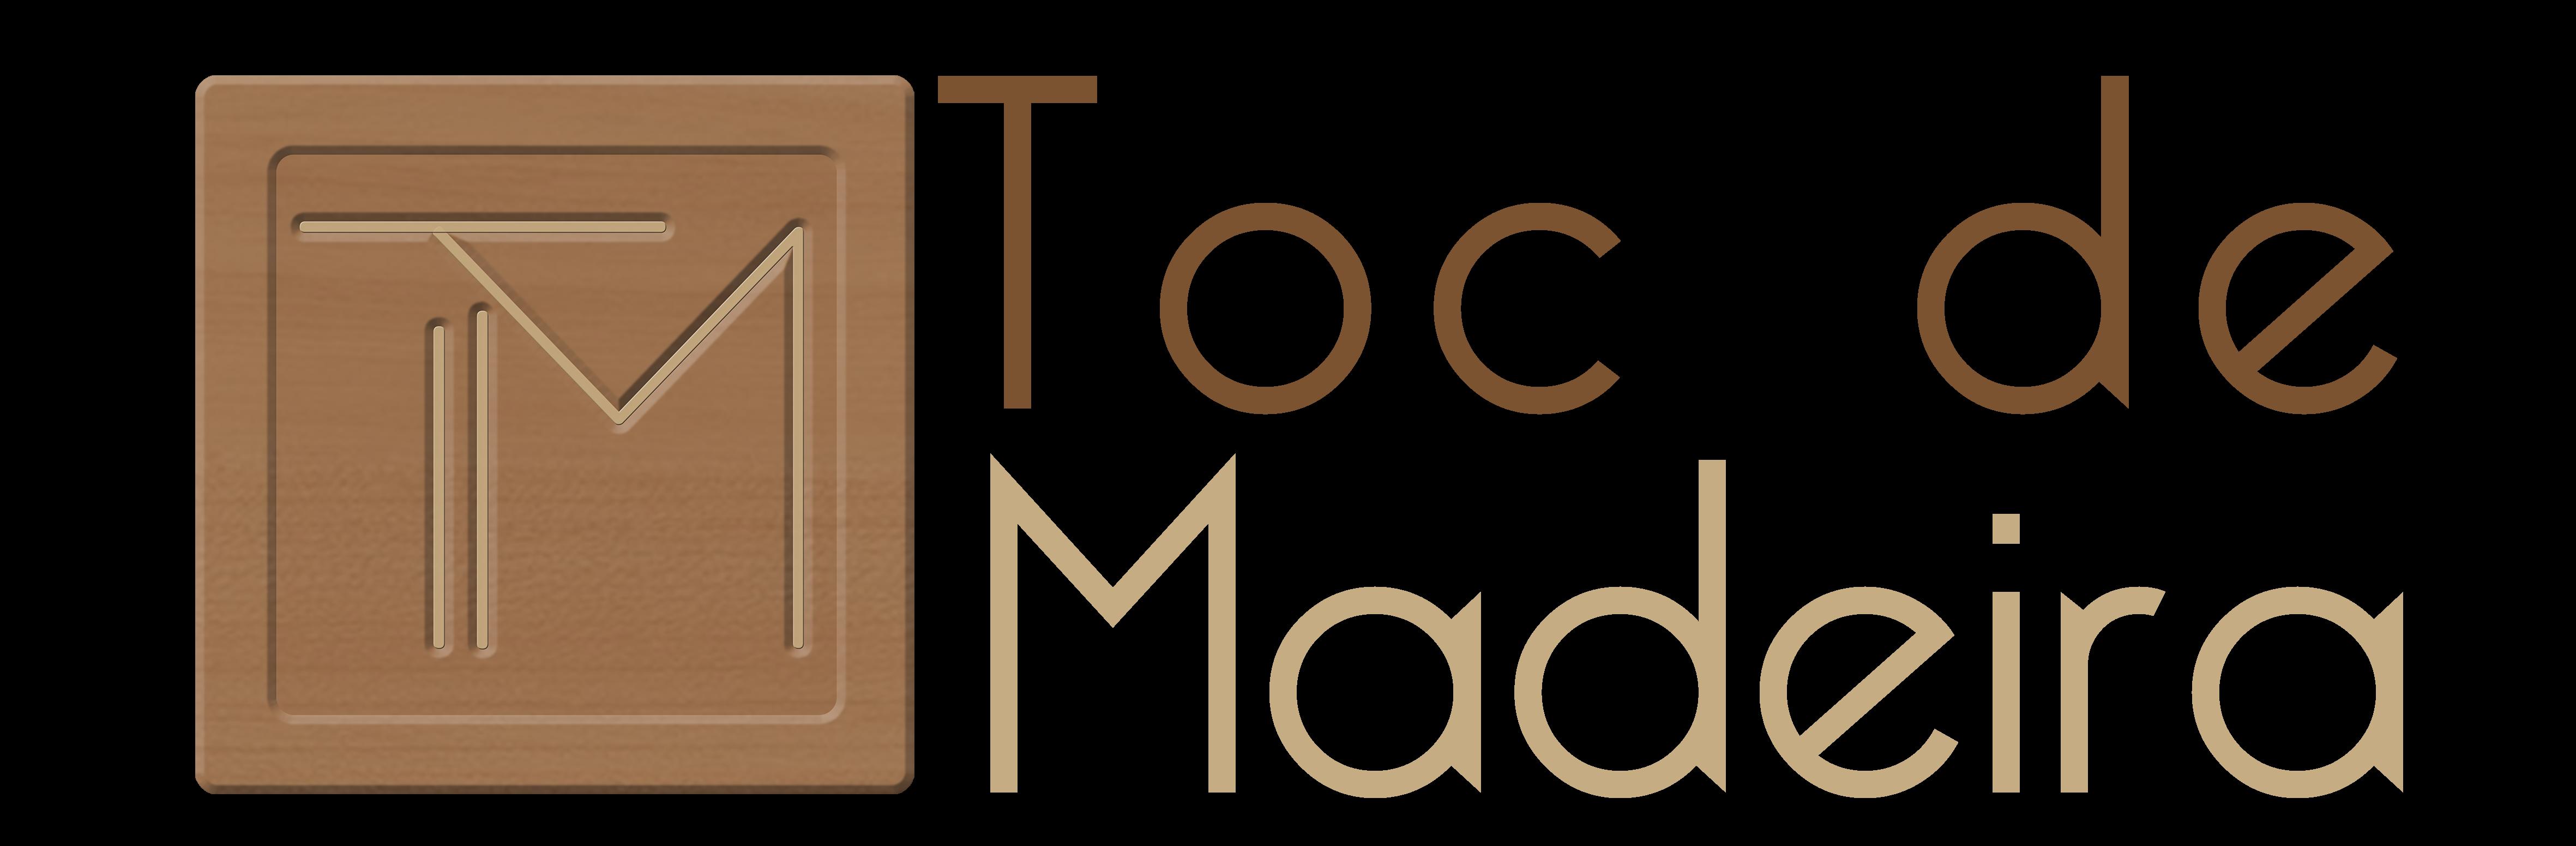 Toc de Madeira